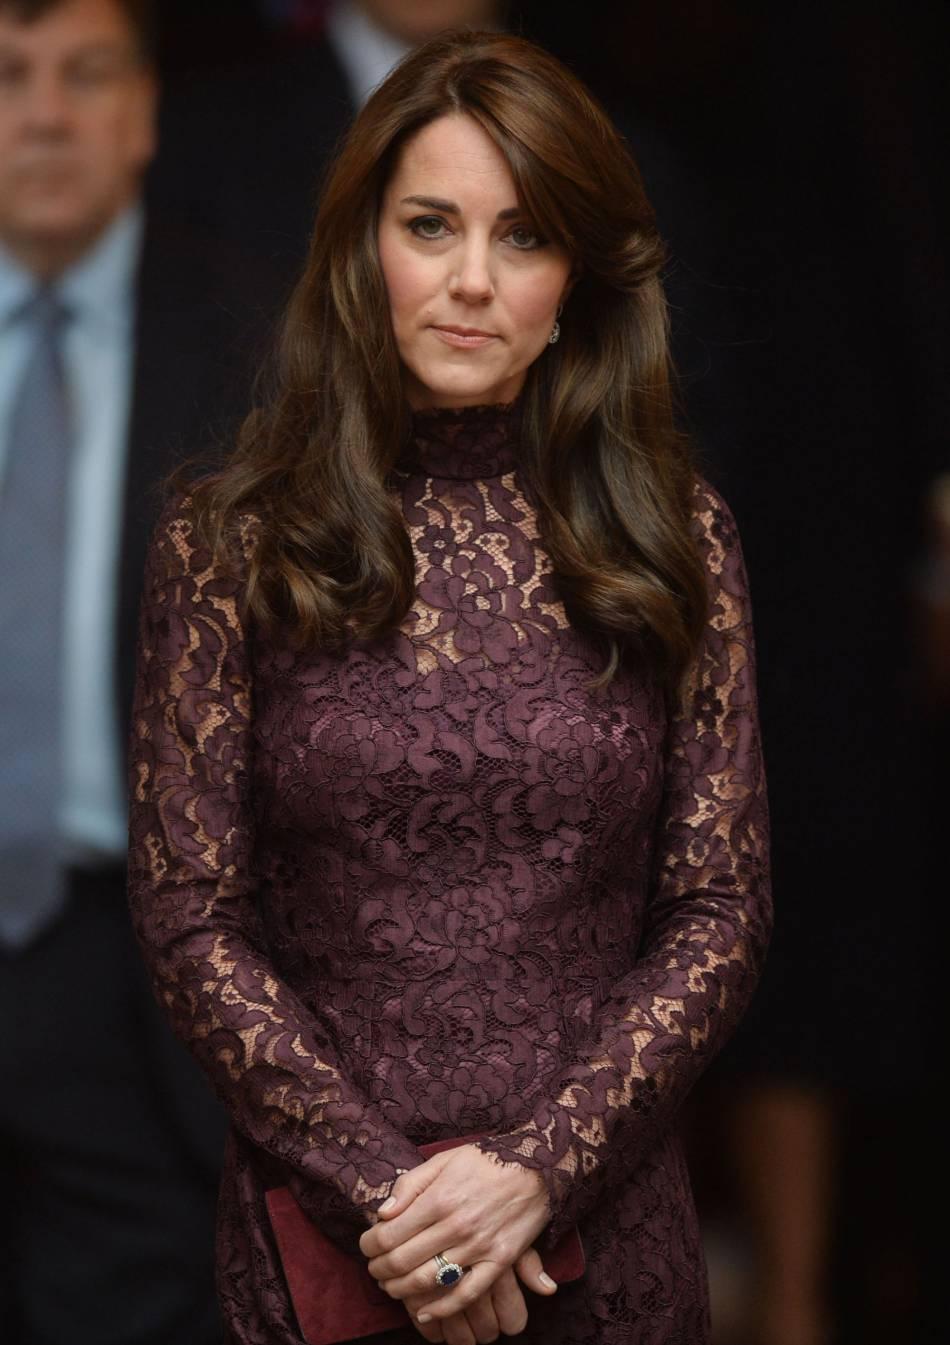 Le problème, c'est que Kate Middleton est une grande timide.